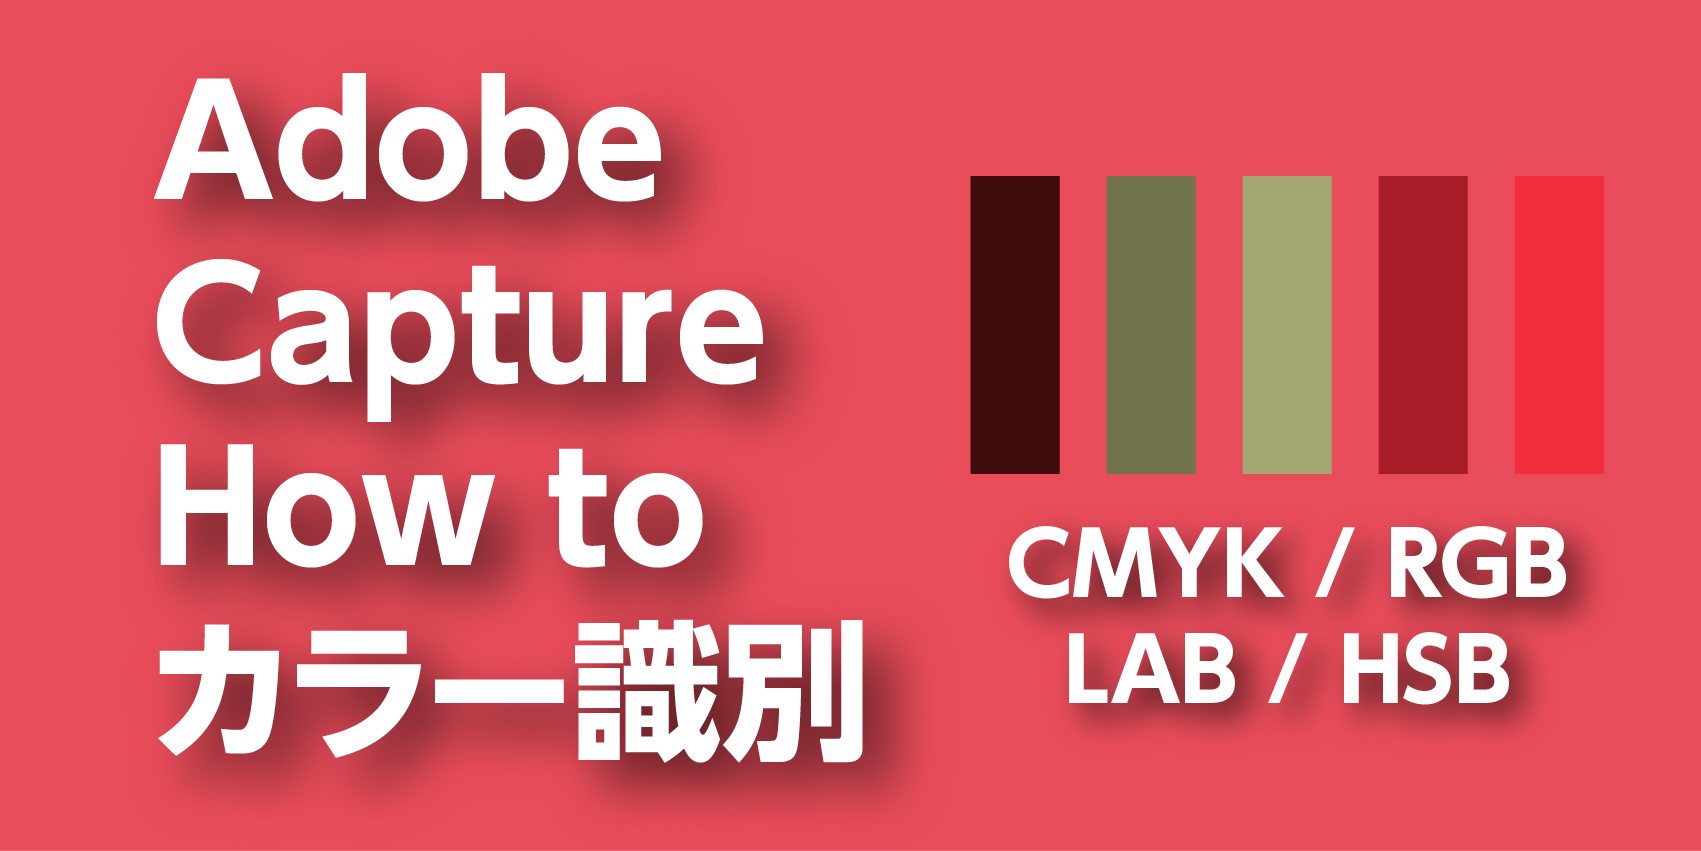 超絶便利【Adobe capture】7. 撮影画面のカラーコードを検索する方法